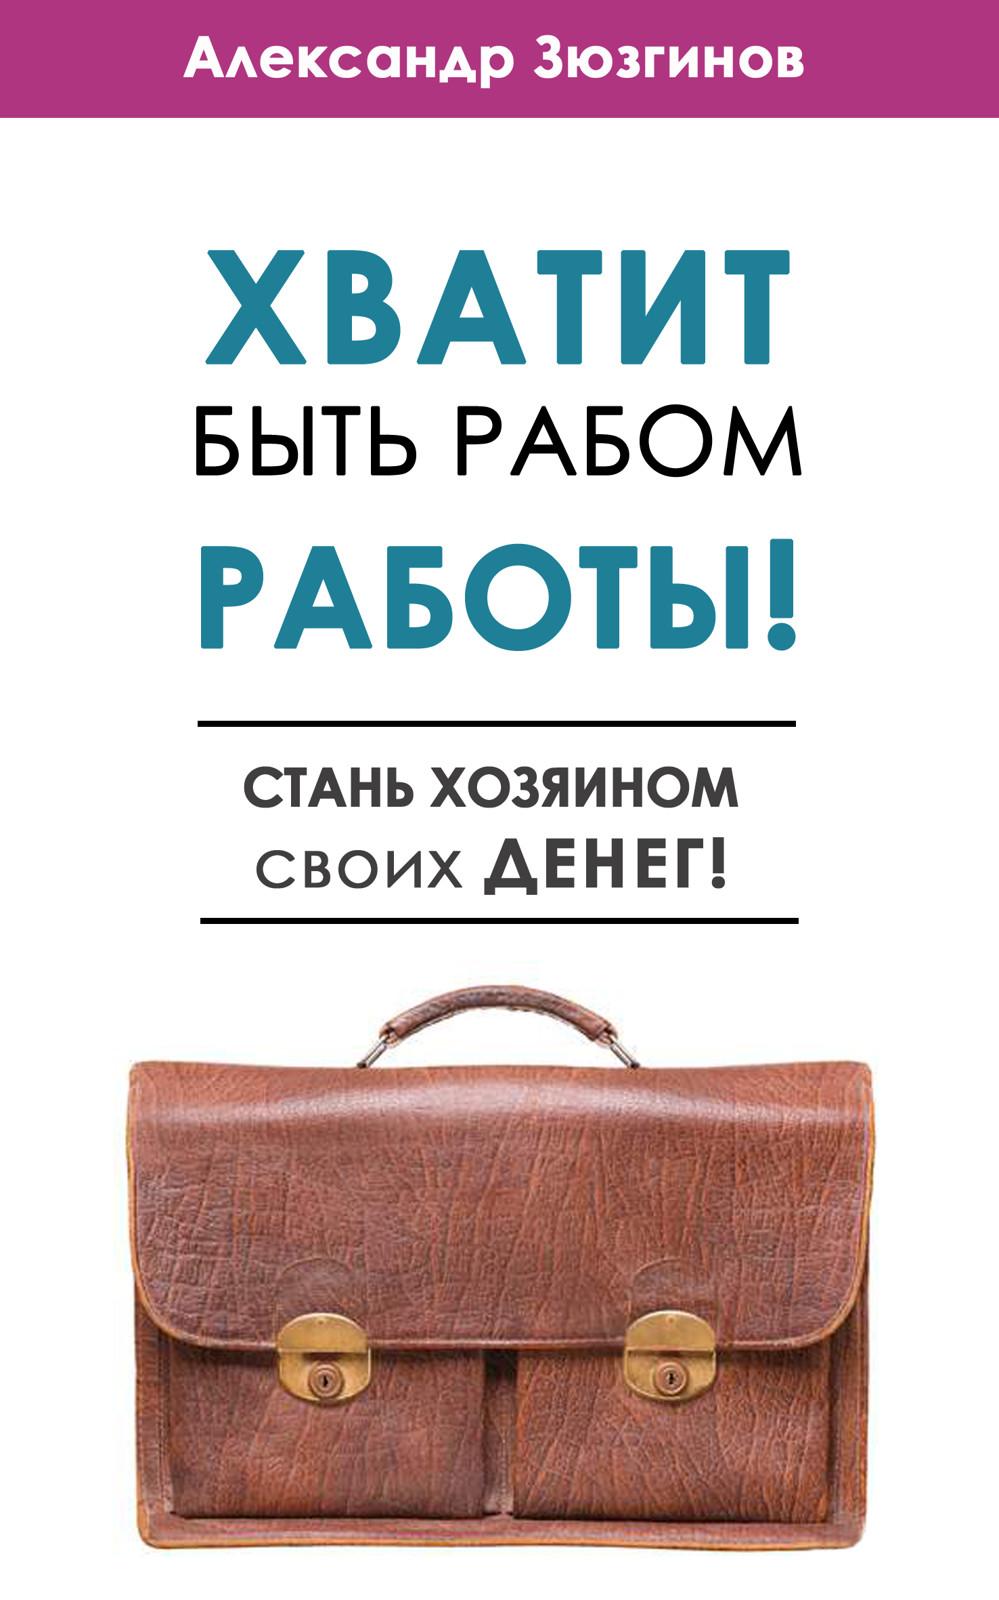 купить Александр Зюзгинов Хватит быть рабом работы! Стань хозяином своих денег! по цене 249 рублей